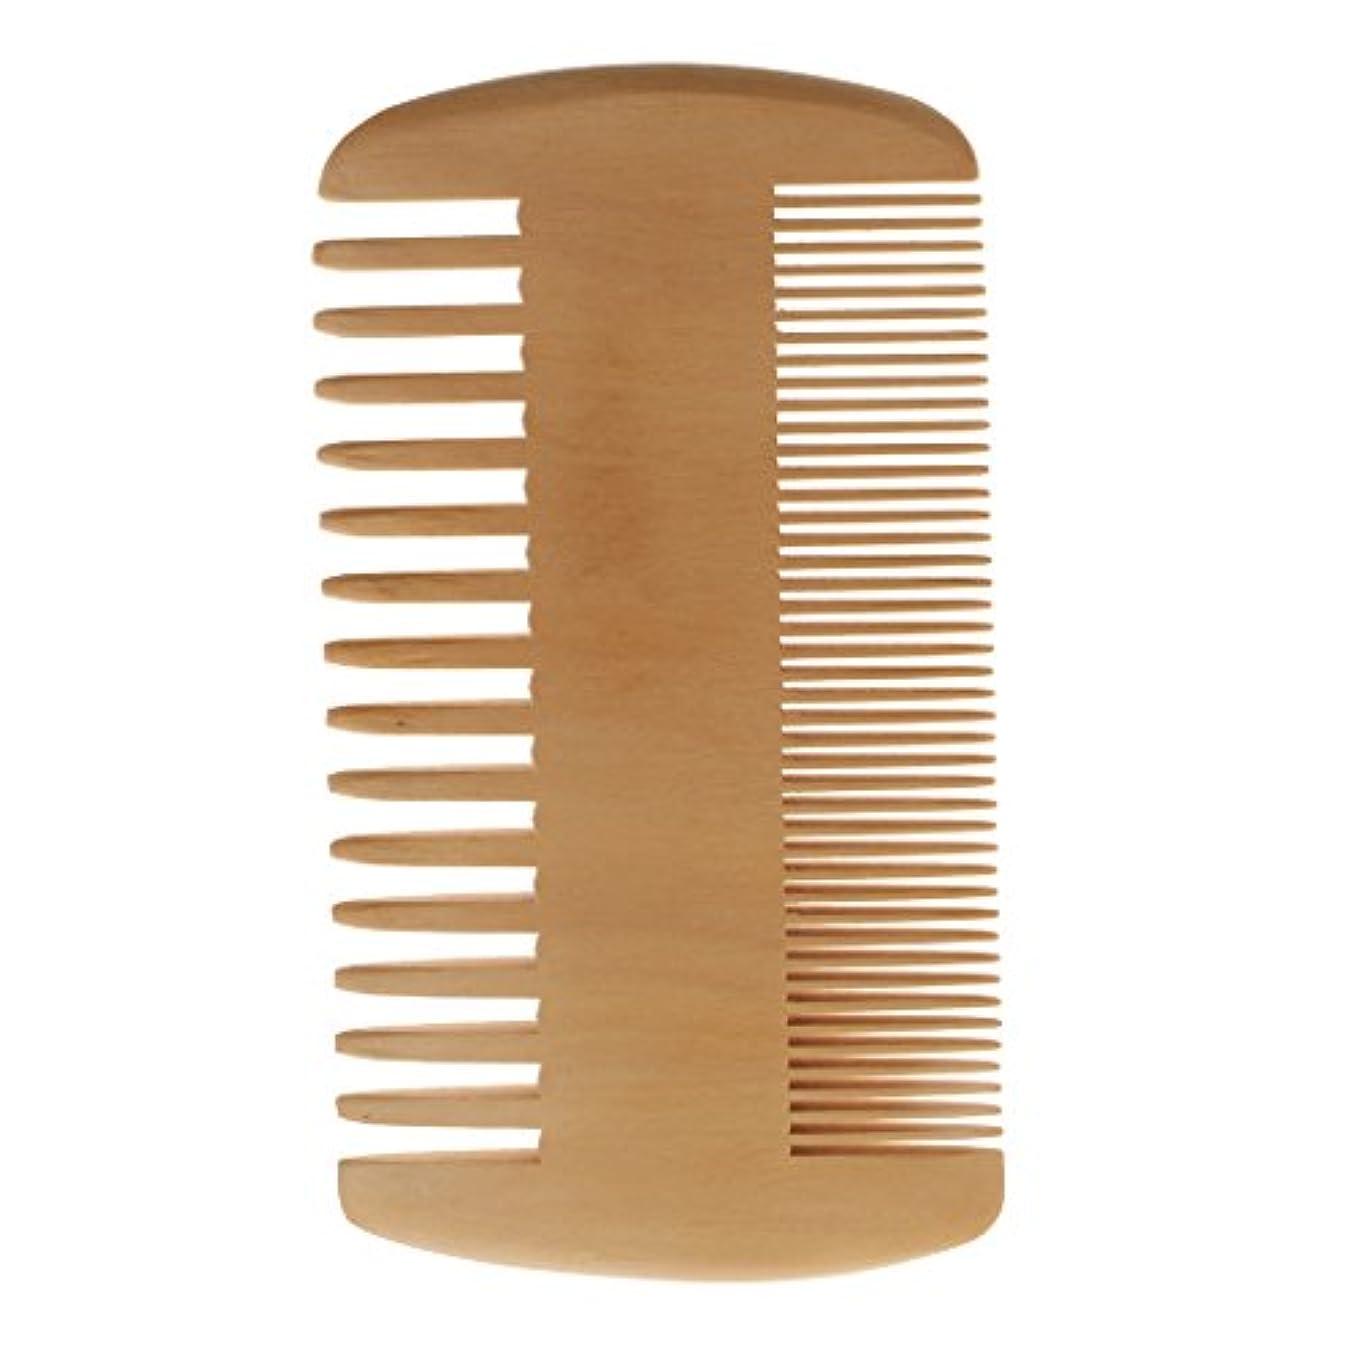 不規則な必須混乱SM SunniMix ポケットコーム 木製コーム 木製櫛 ヘアダイコーム ヘアブラシ 2倍 密度 歯 携帯 便利